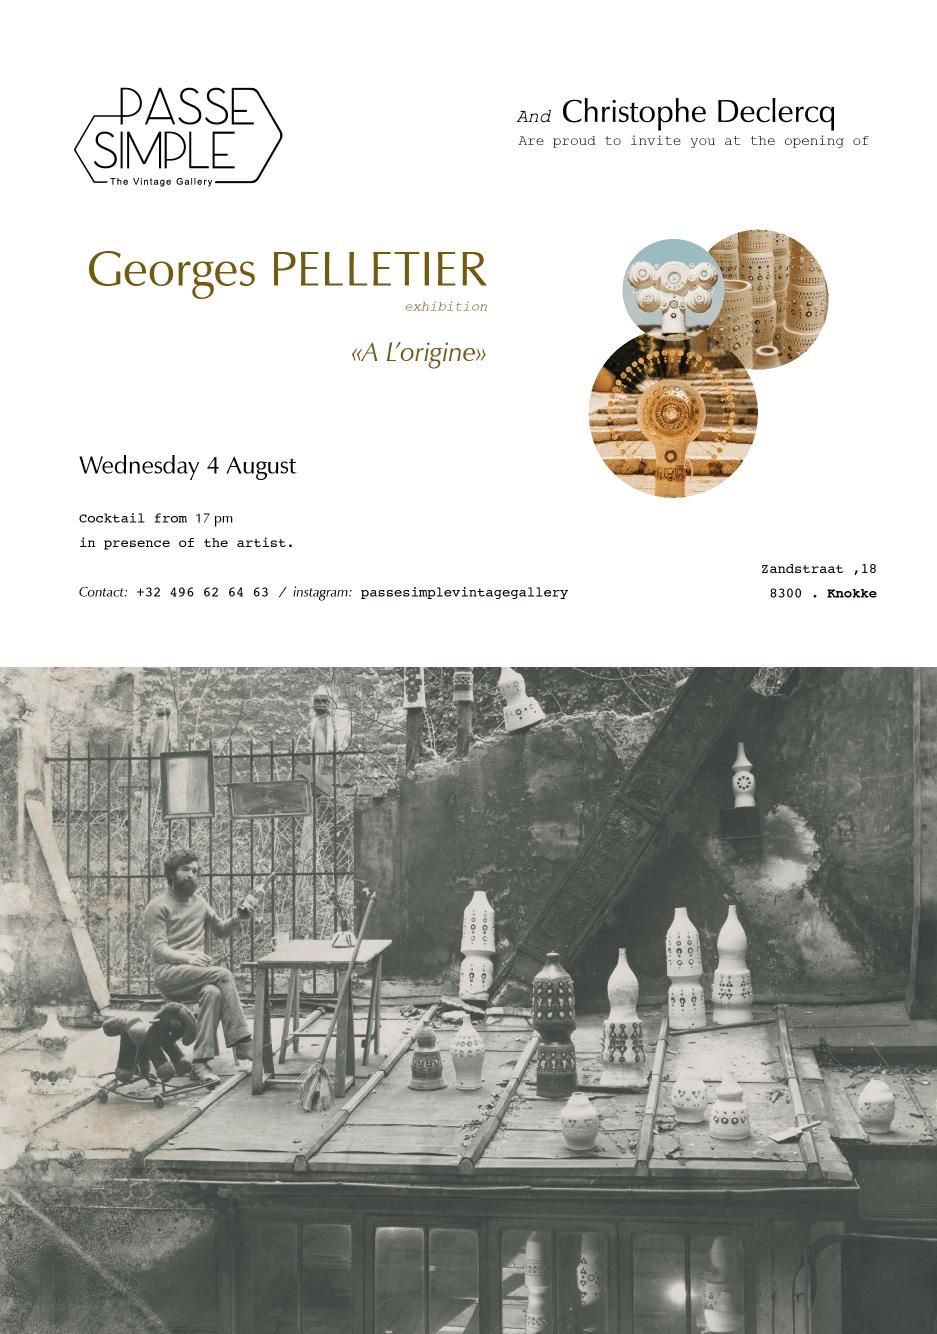 Invitation Exposition de Georges Pelletier à Knooke A L'origine